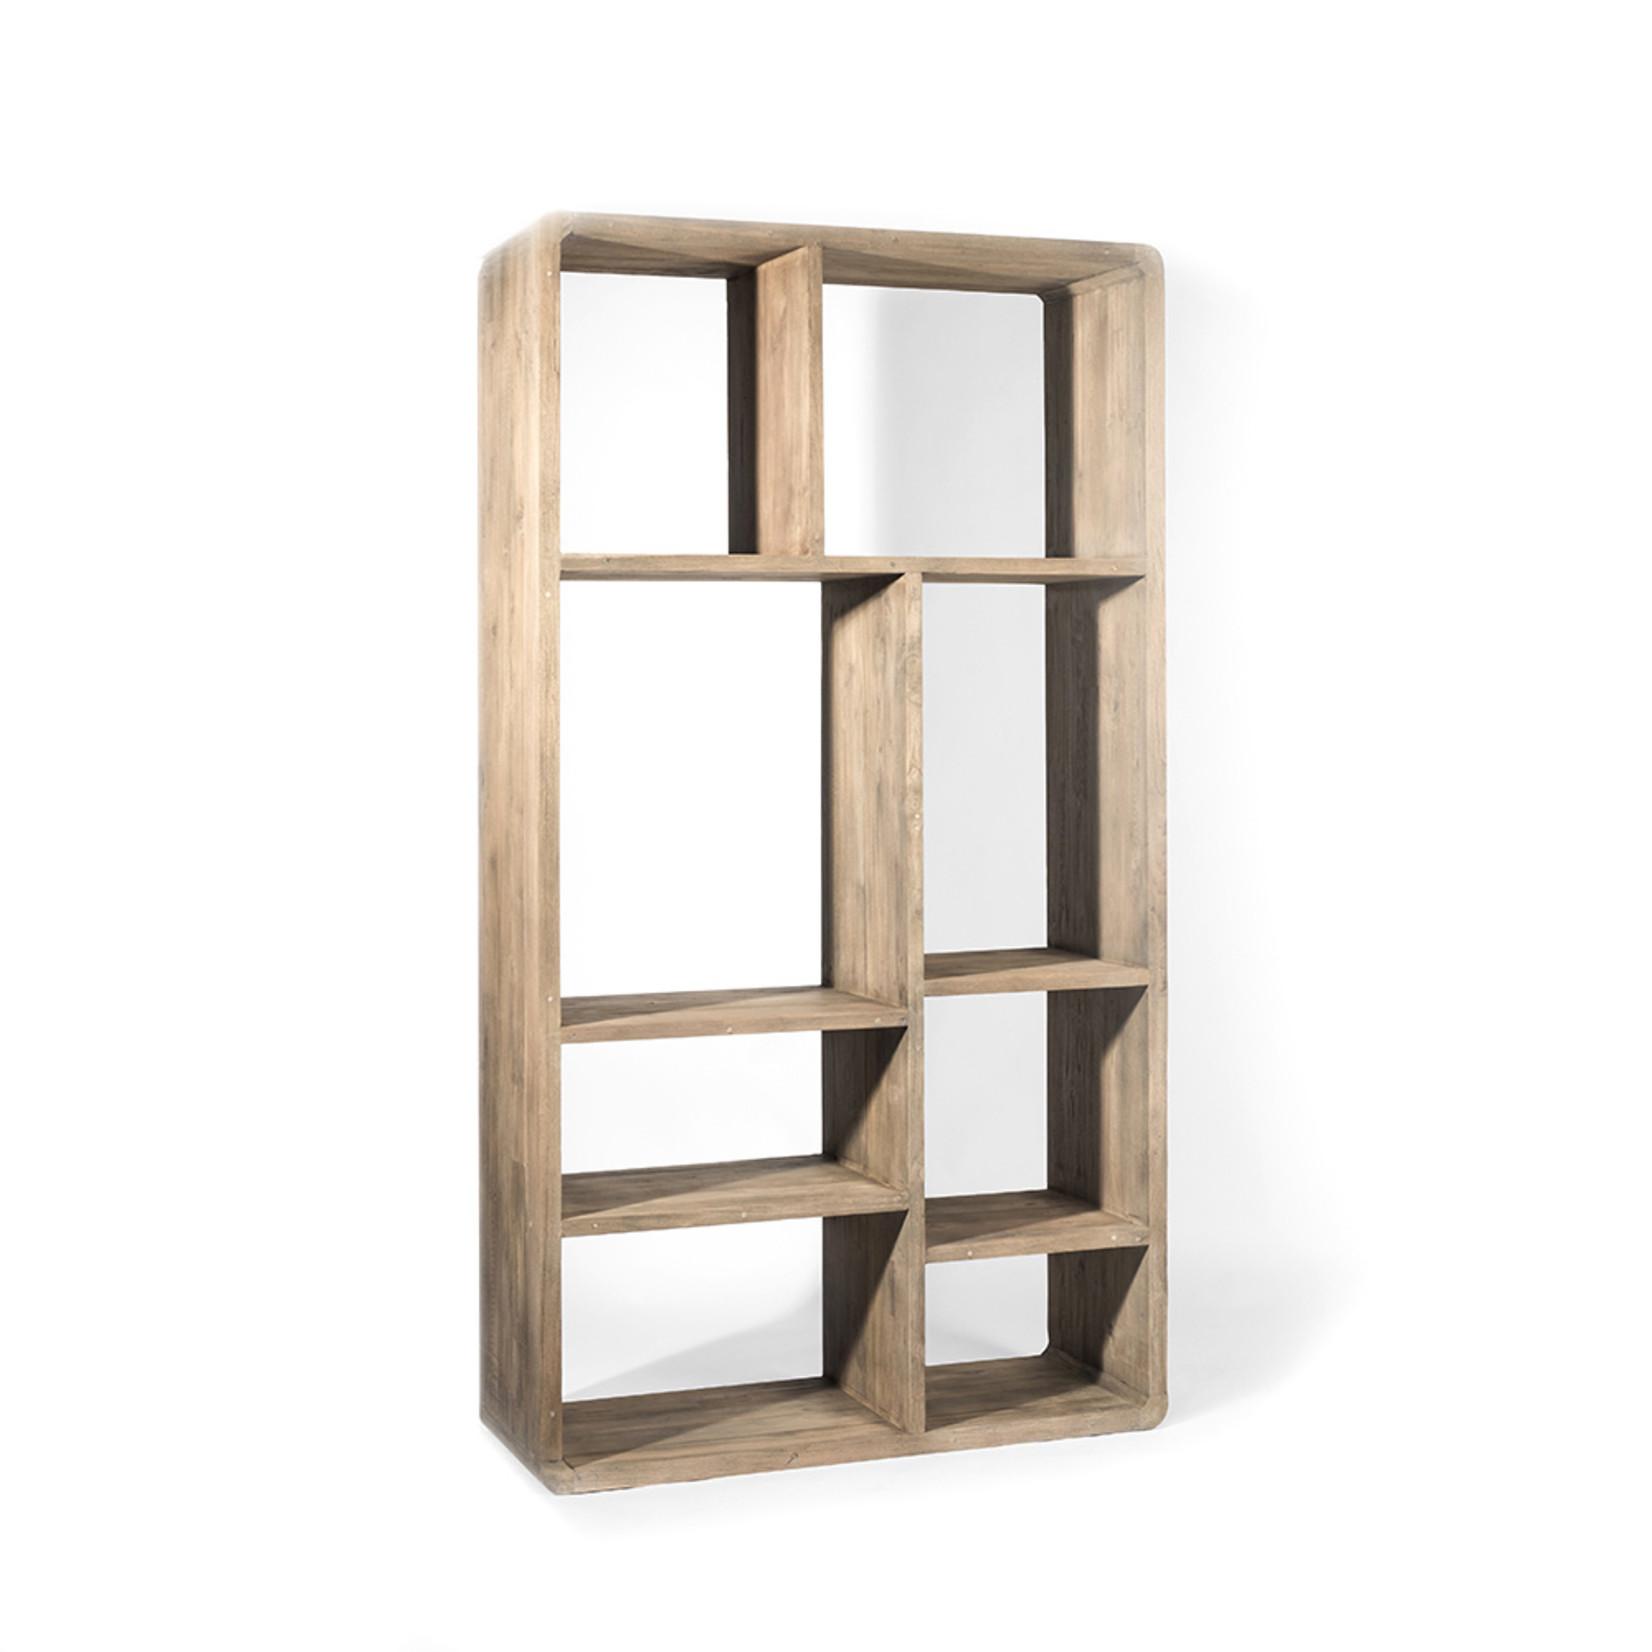 Gommaire Cabinet Saar Small | Gris authentique de teck récupéré